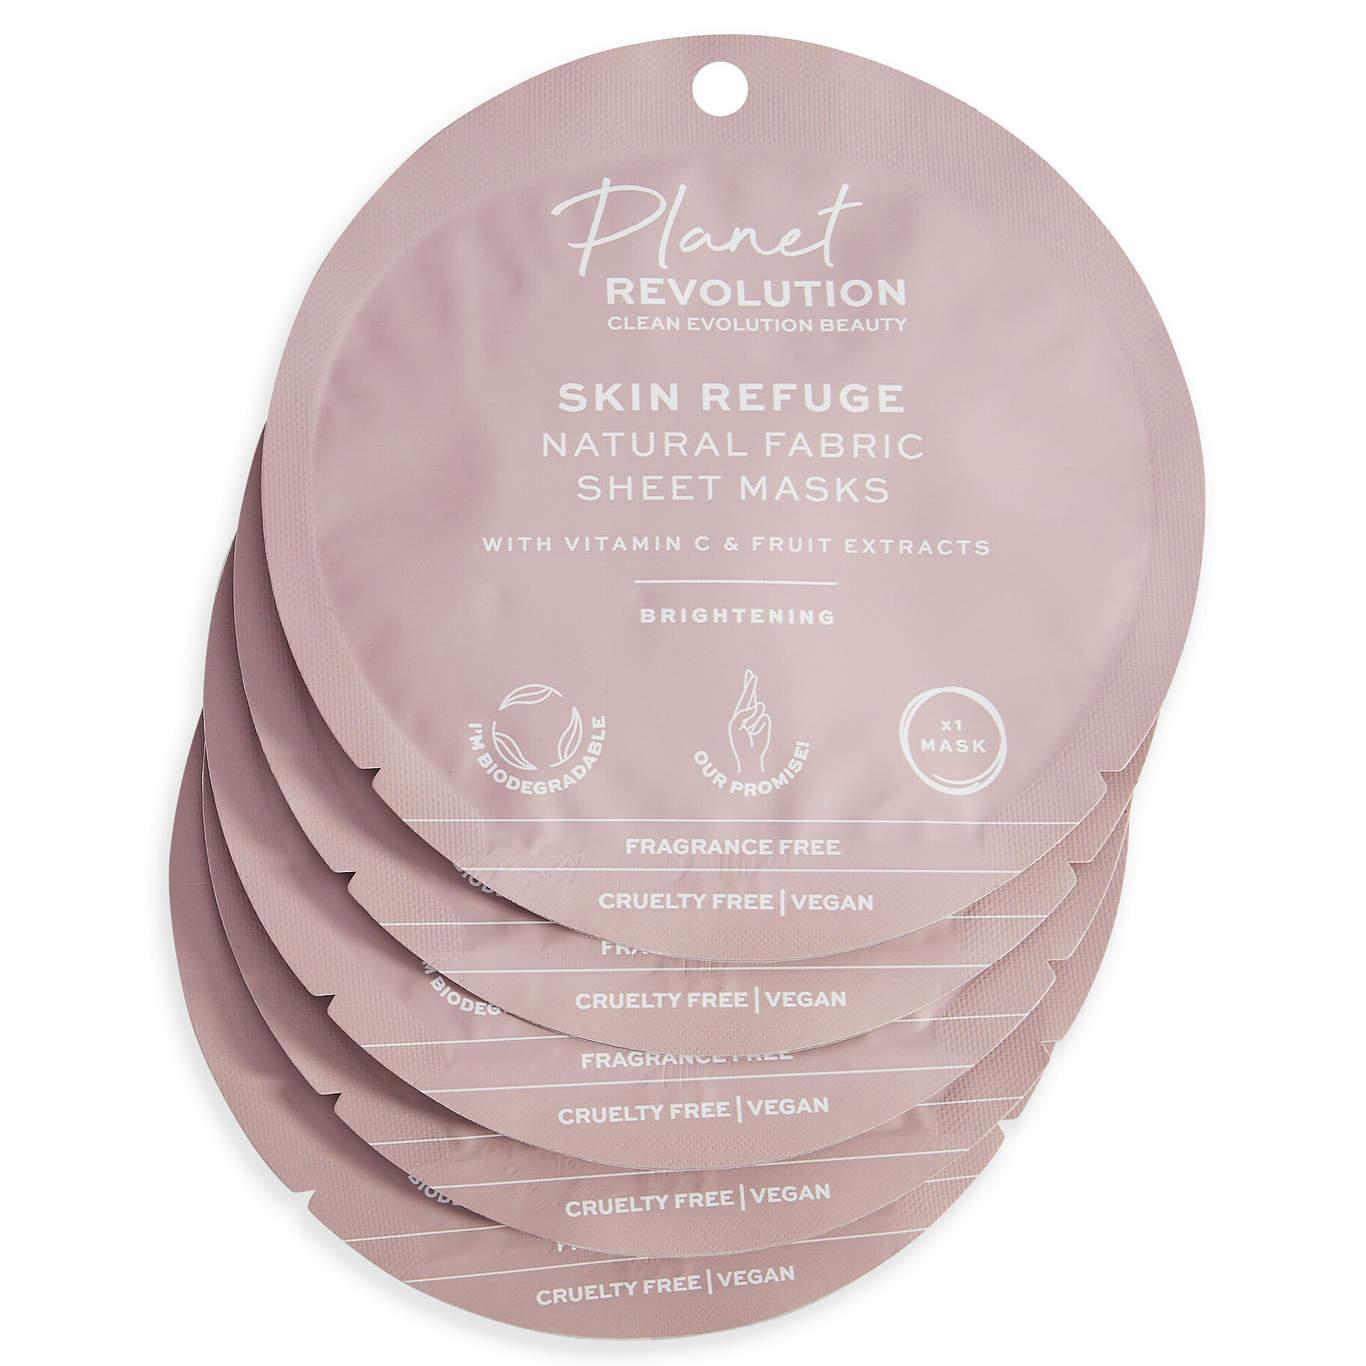 Planet Revolution Skin Refuge Brightening Fabric Sheet Masks Set Front